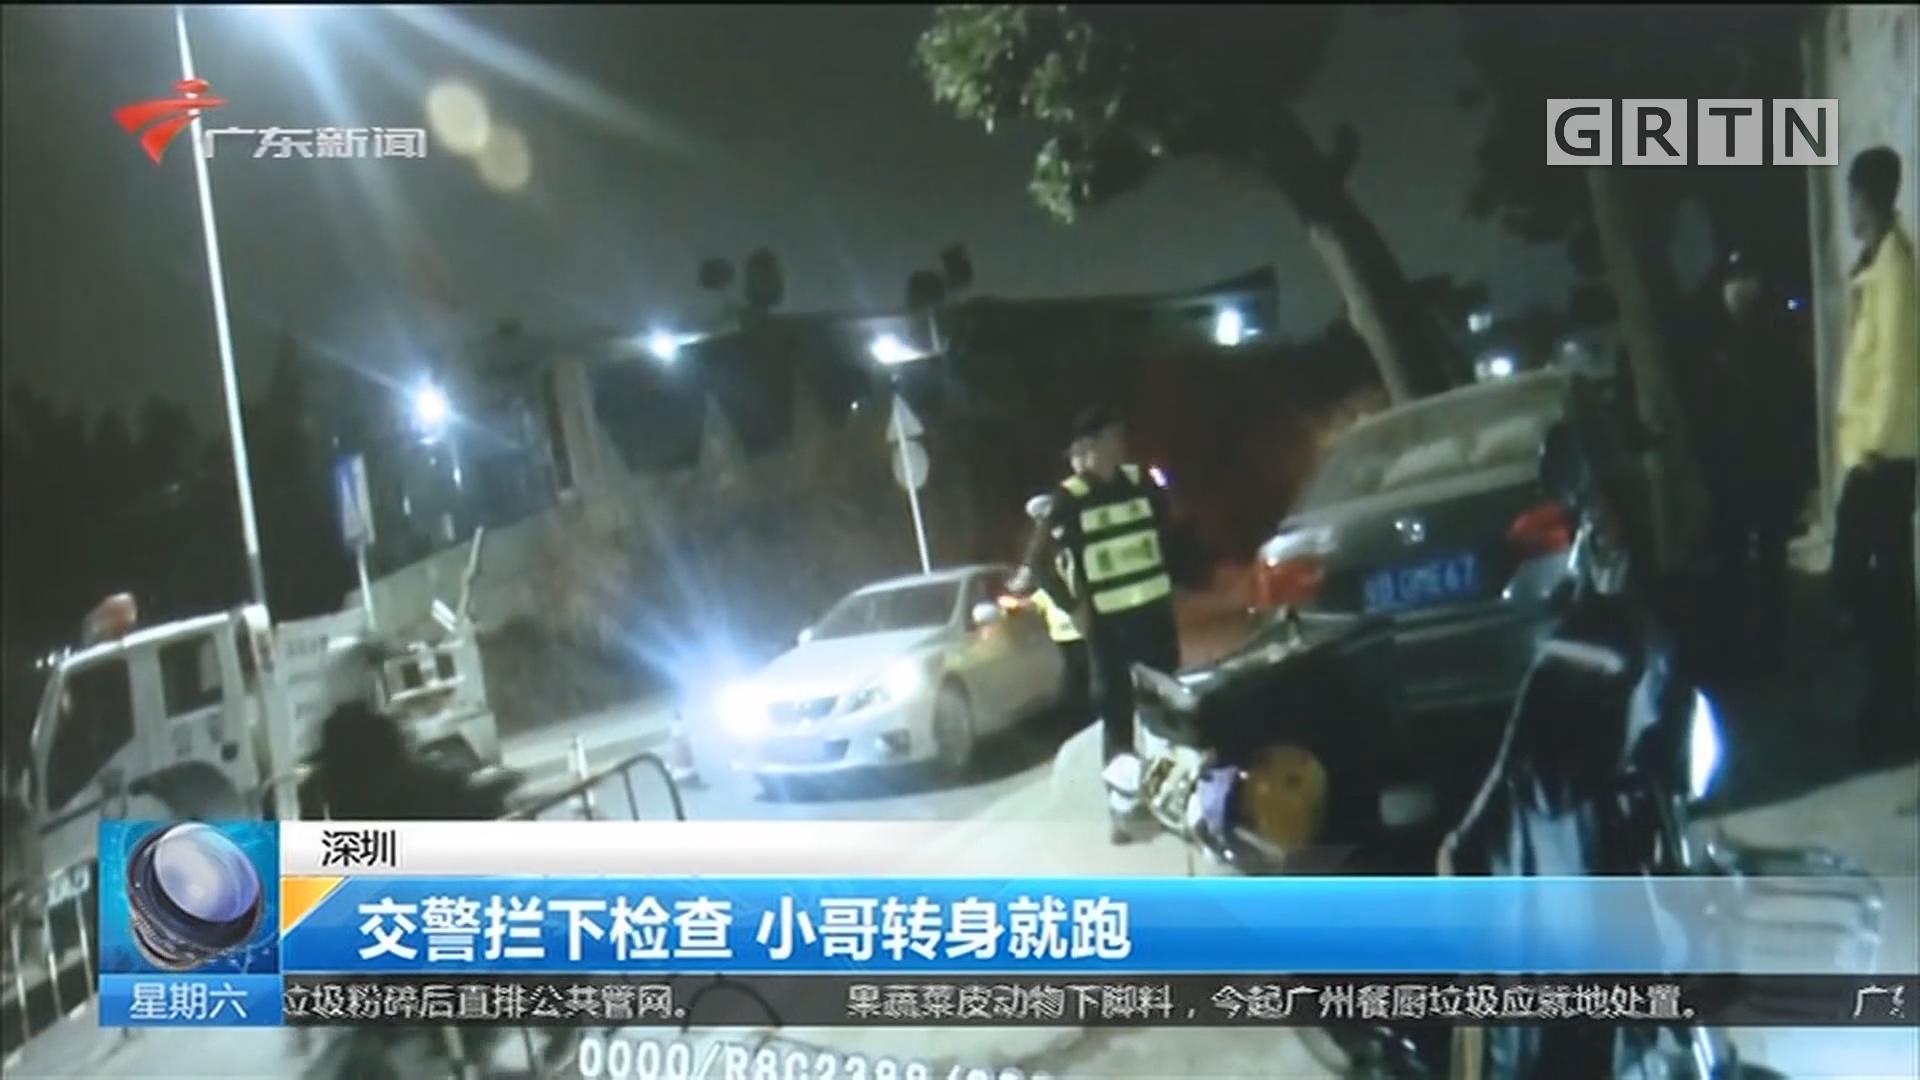 深圳:交警拦下检查 小哥转身就跑